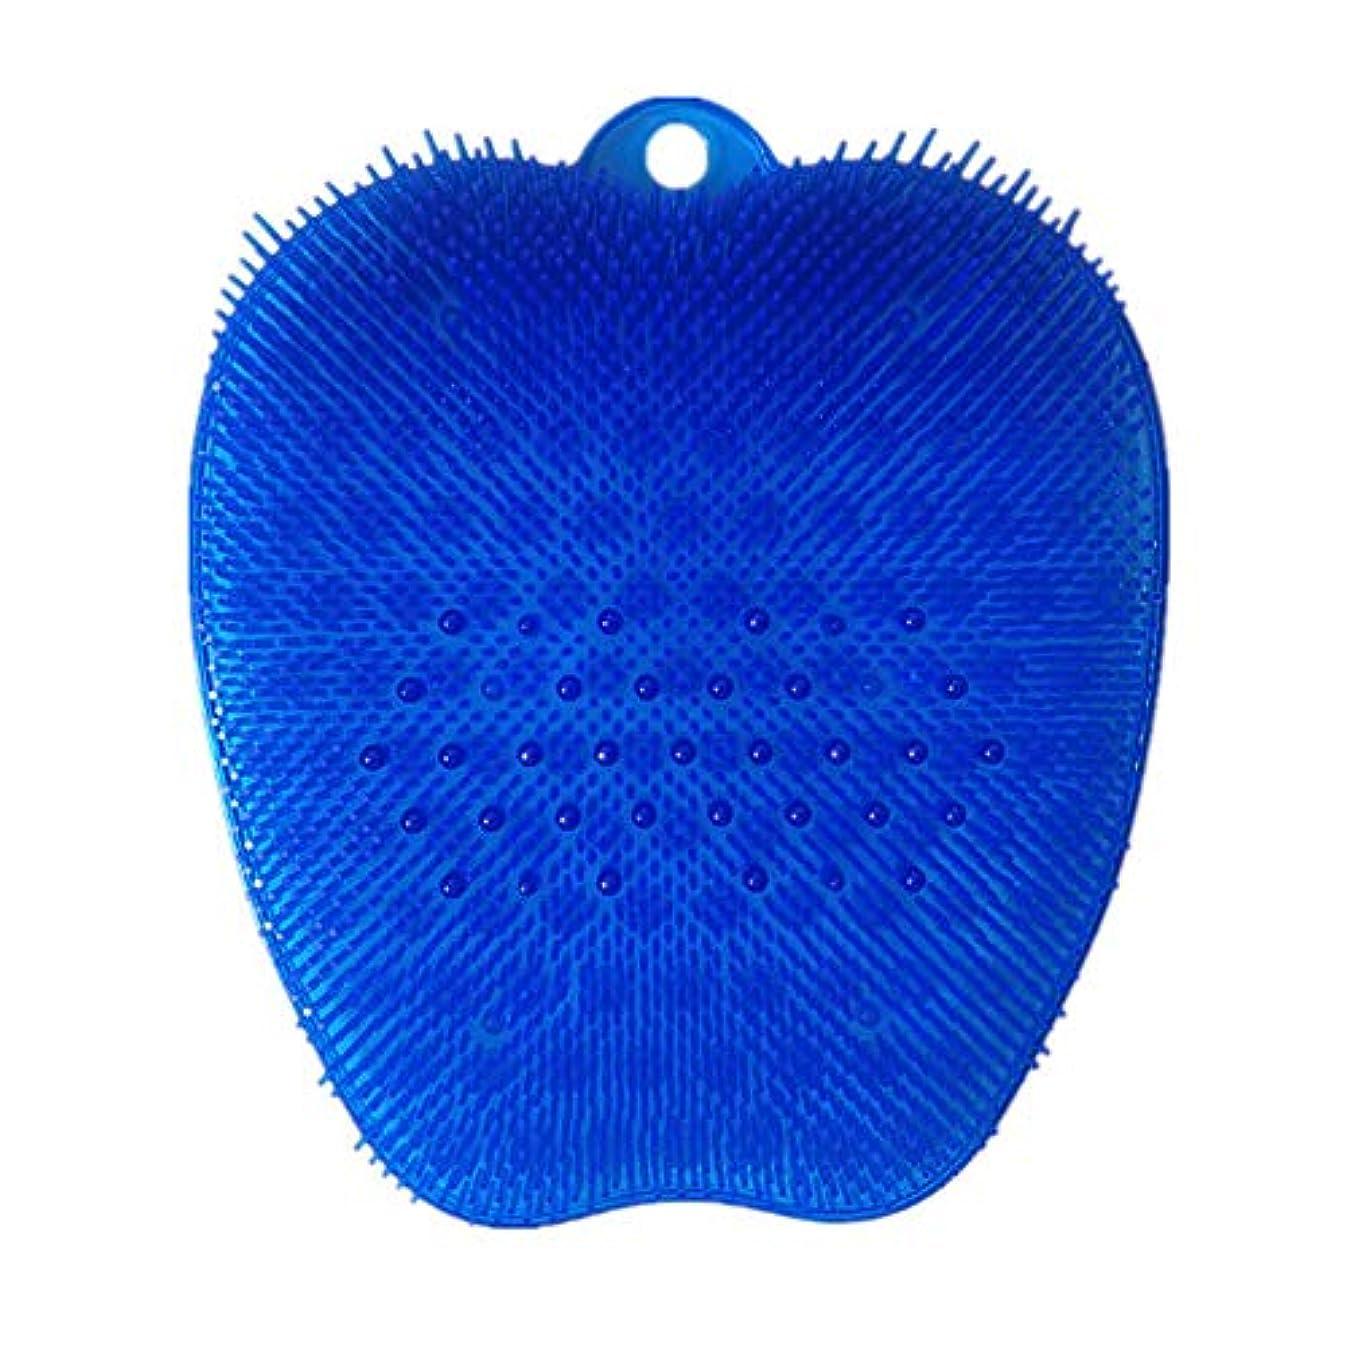 感嘆符横たわる認識足洗いブラシ 滑らない吸盤付き ブルー フットケア フットブラシ 角質ケアブラシ お風呂で使える